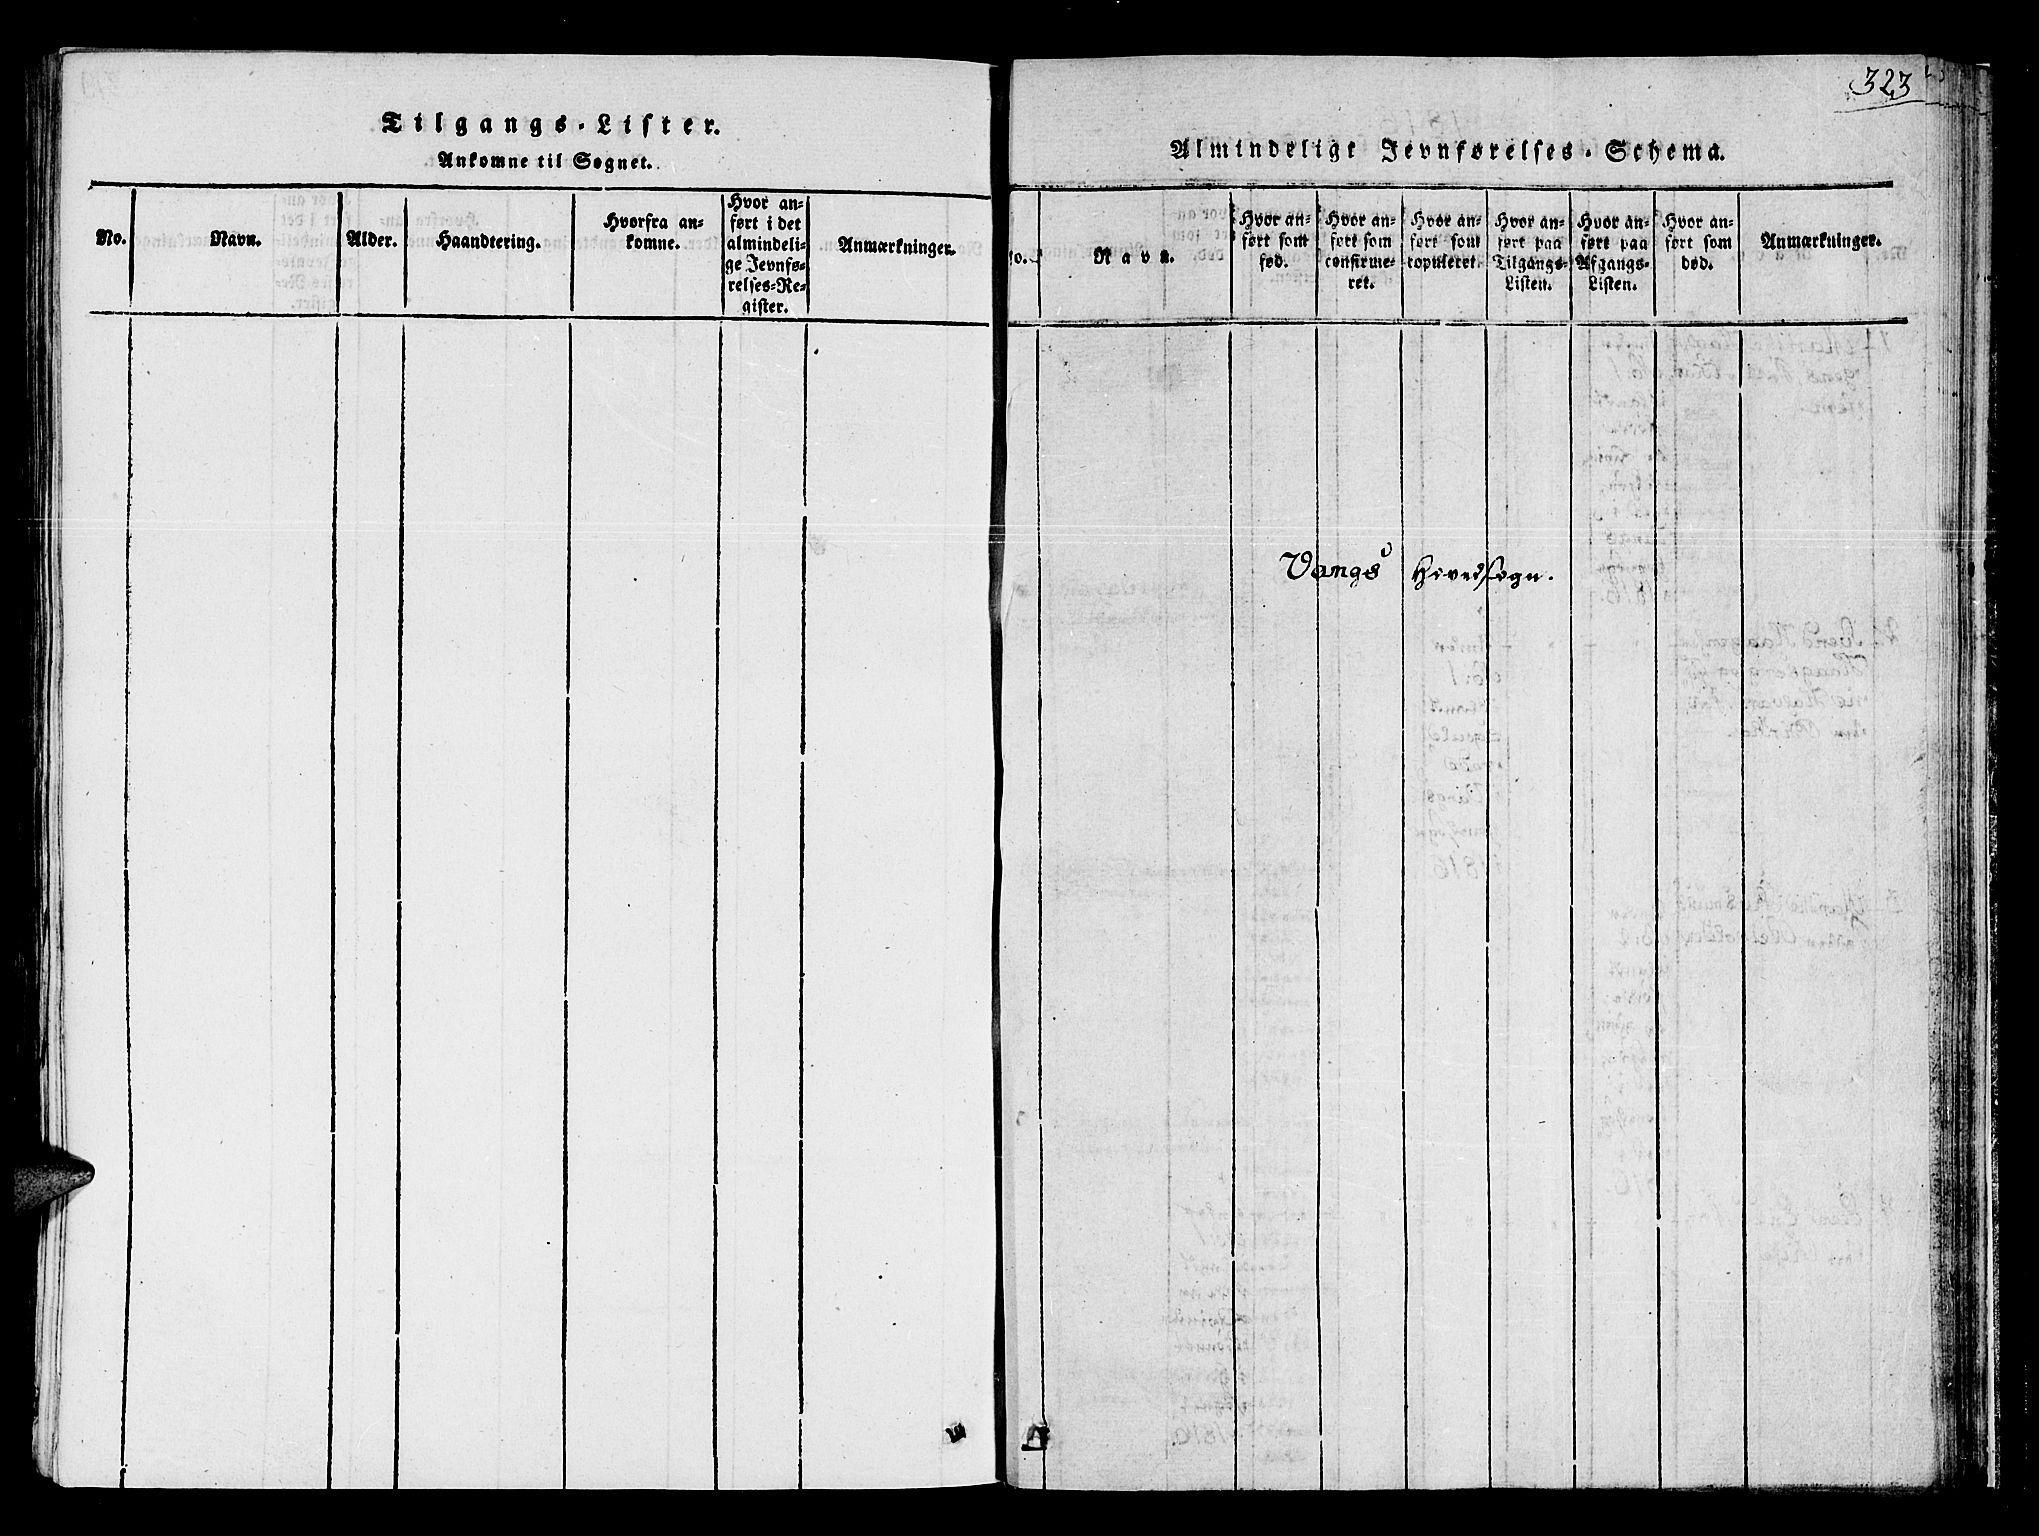 SAT, Ministerialprotokoller, klokkerbøker og fødselsregistre - Sør-Trøndelag, 678/L0895: Ministerialbok nr. 678A05 /1, 1816-1821, s. 323